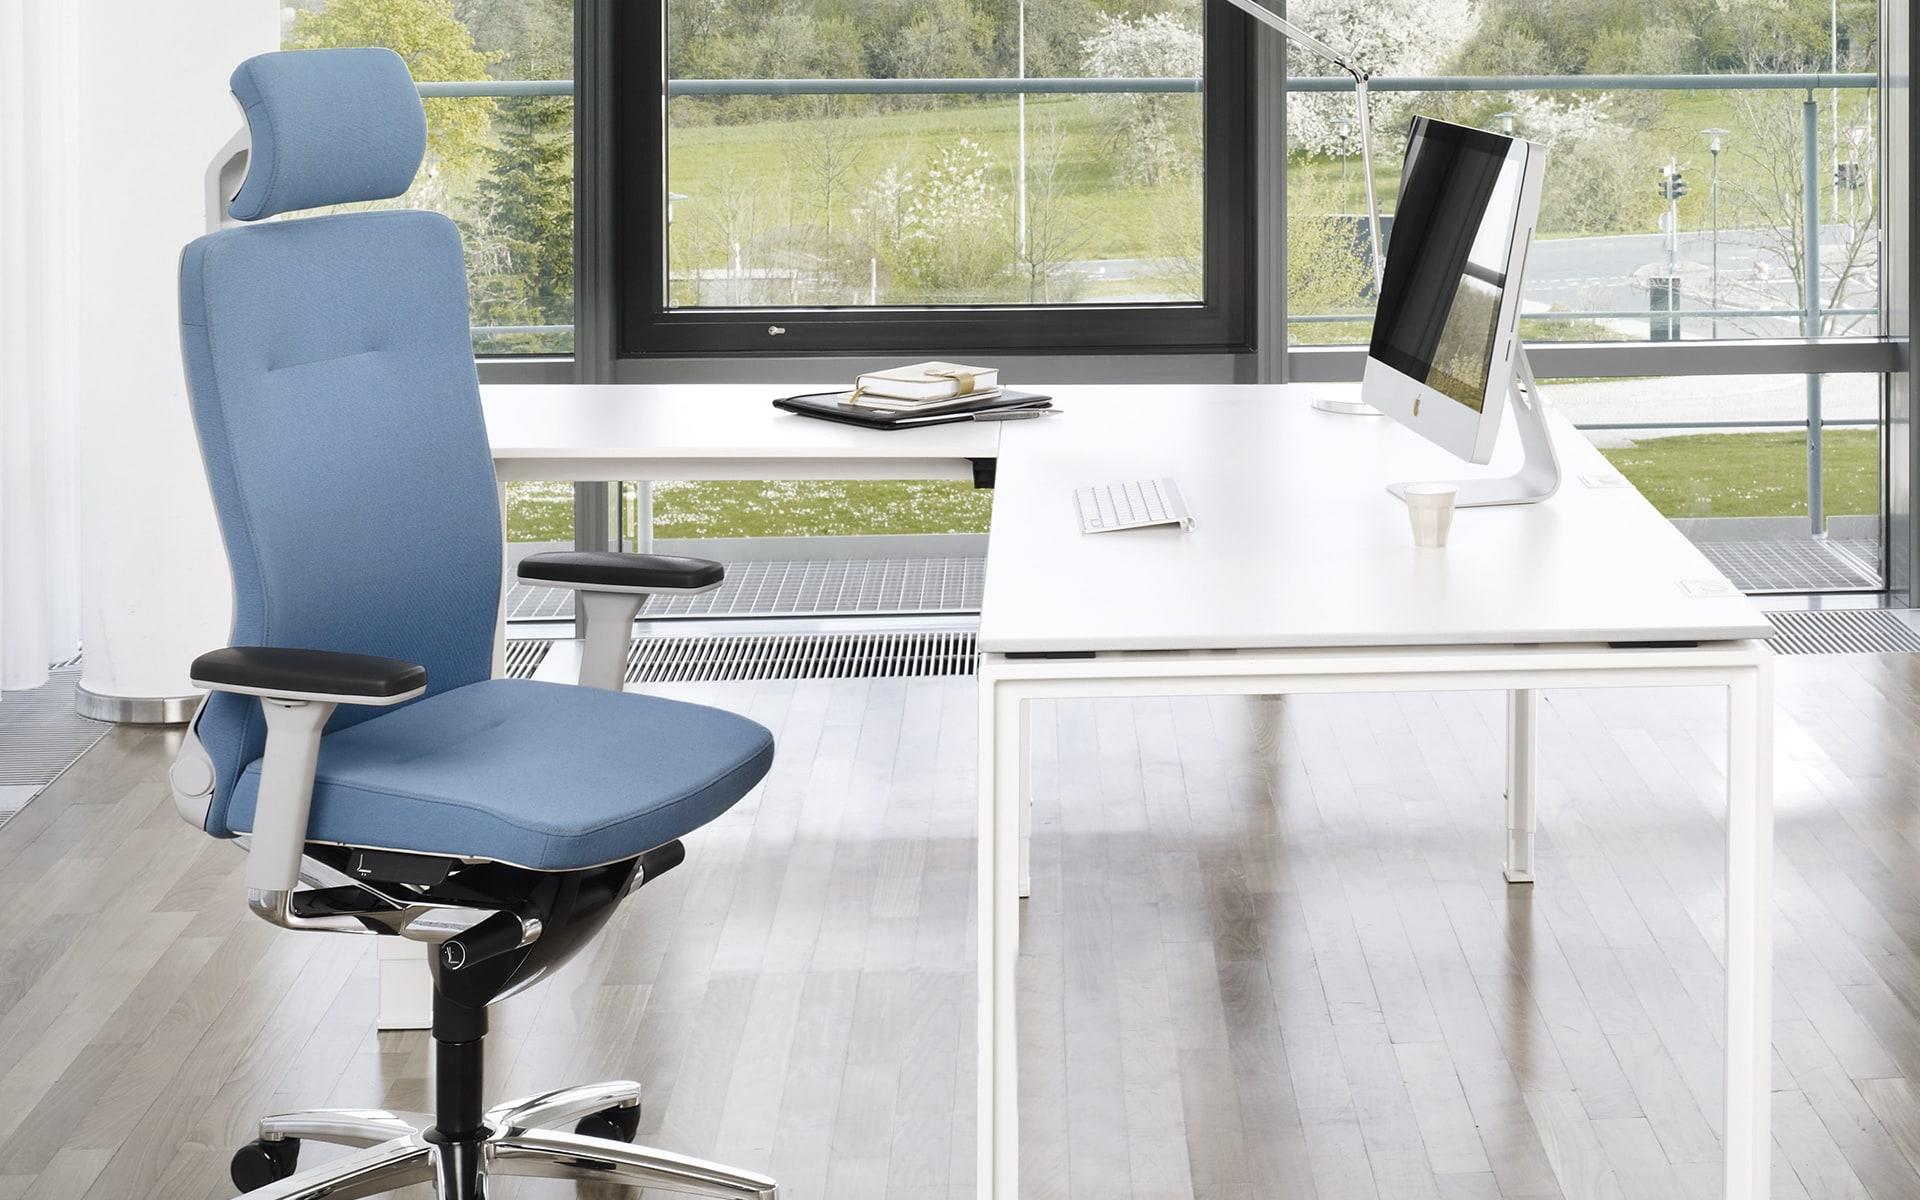 König + Neurath Lamiga Bürostuhl von ITO Design mit blauem Polster an hellem Arbeitsplatz